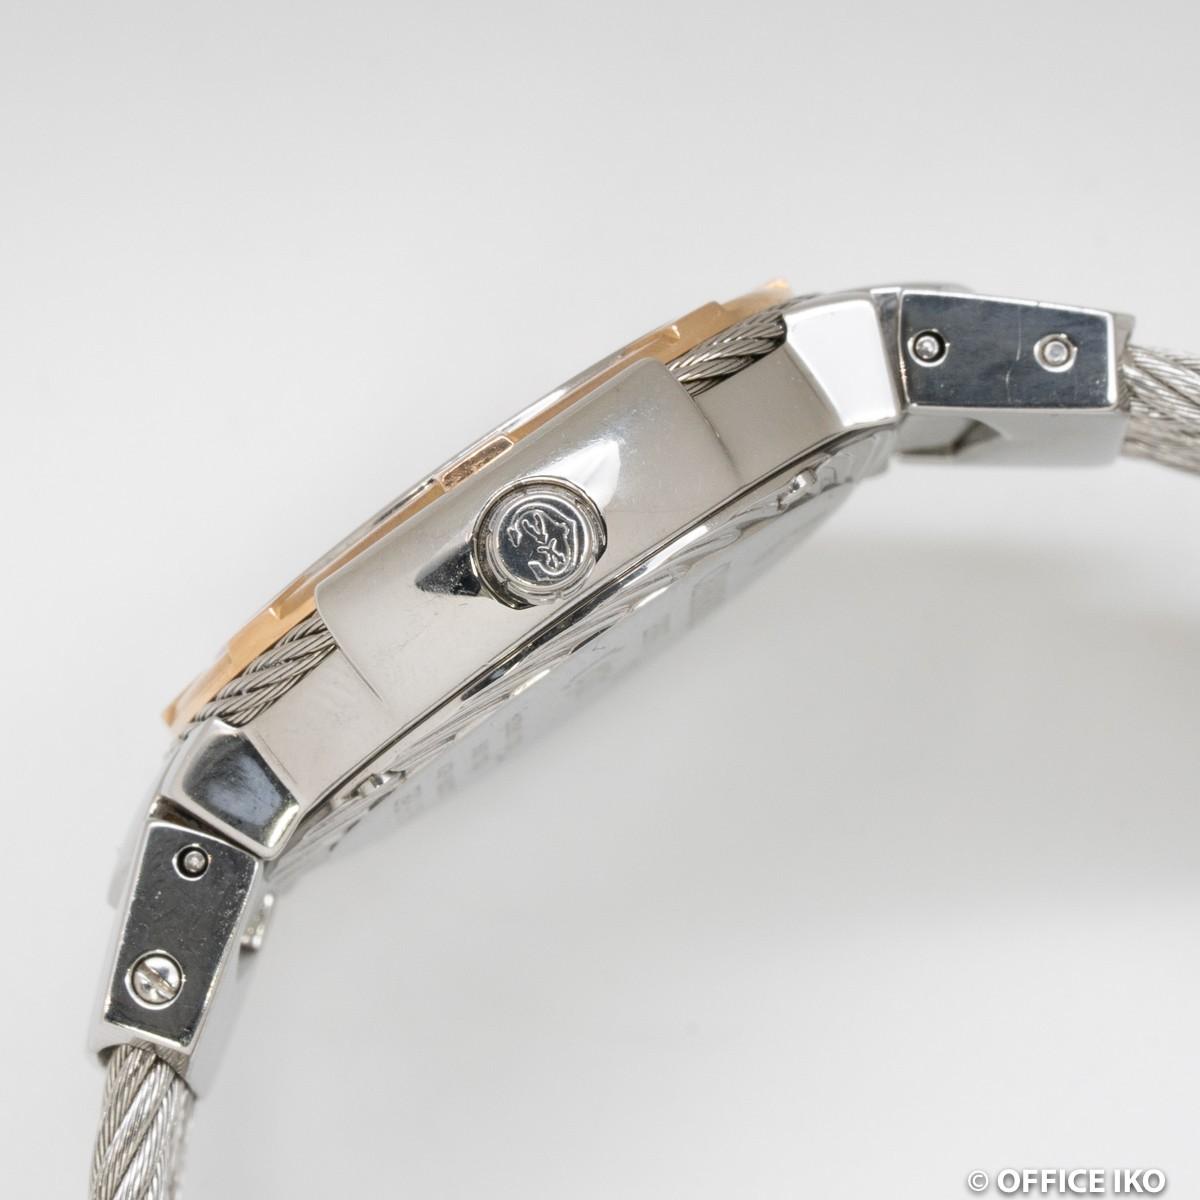 質イコー [シャリオール] CHARRIOL 腕時計 ケルテック シェル CE426 ダイヤ12P クオーツ レディース 中古 良品_画像2